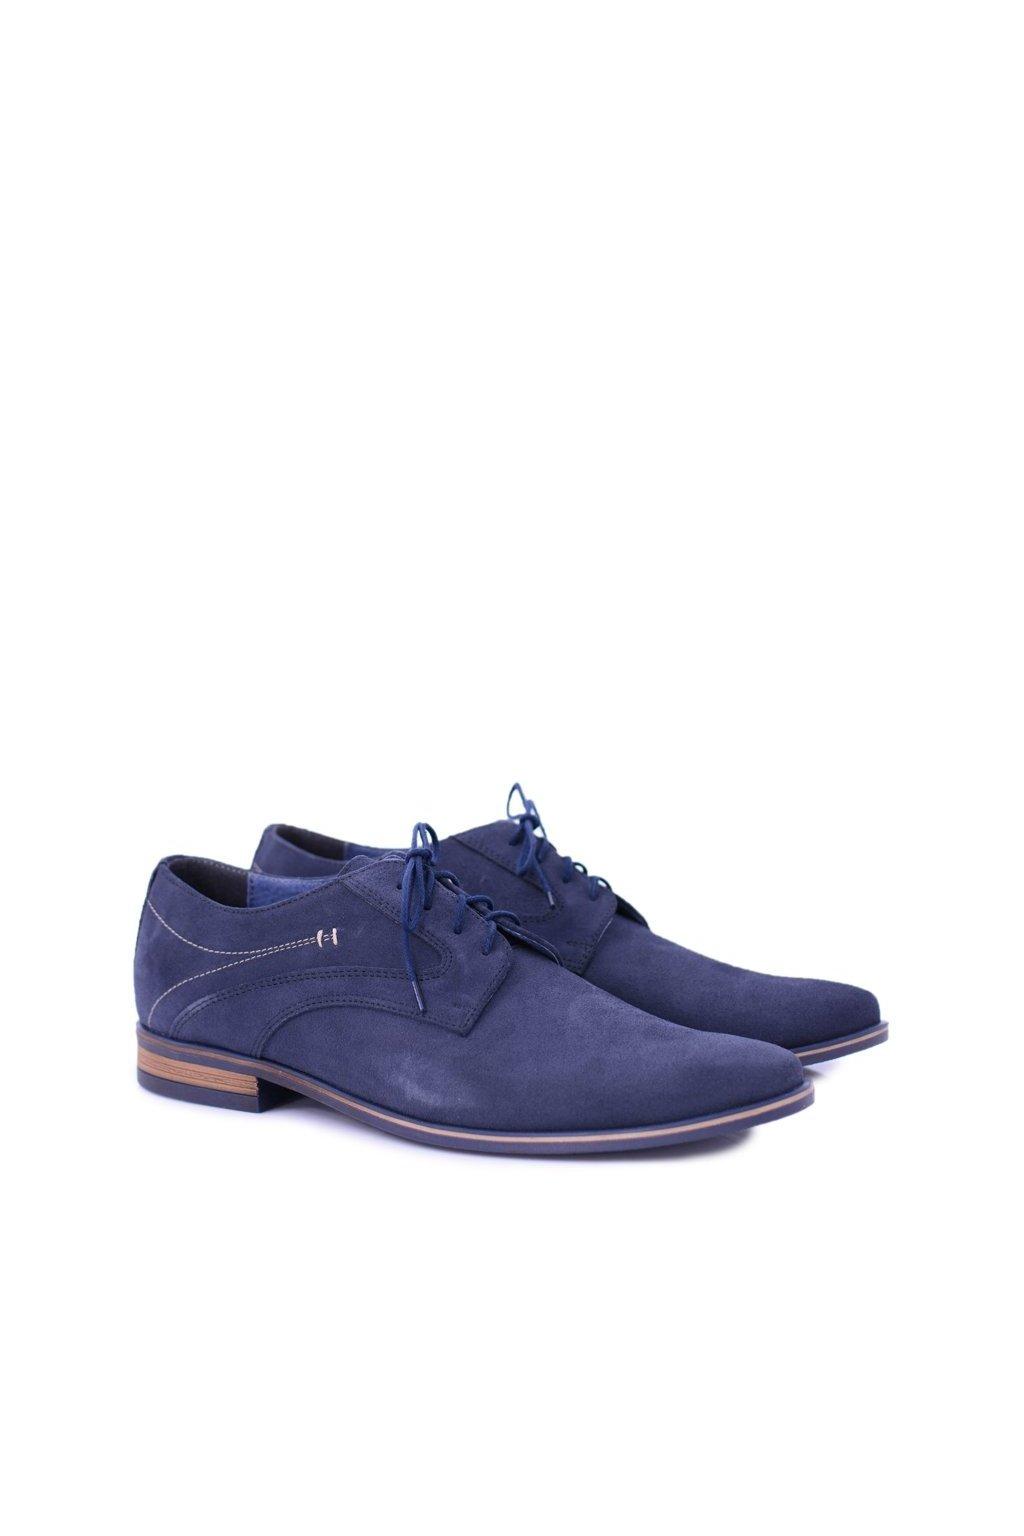 Pánske poltopánky farba modrá kód obuvi 481 NAVY SUEDE